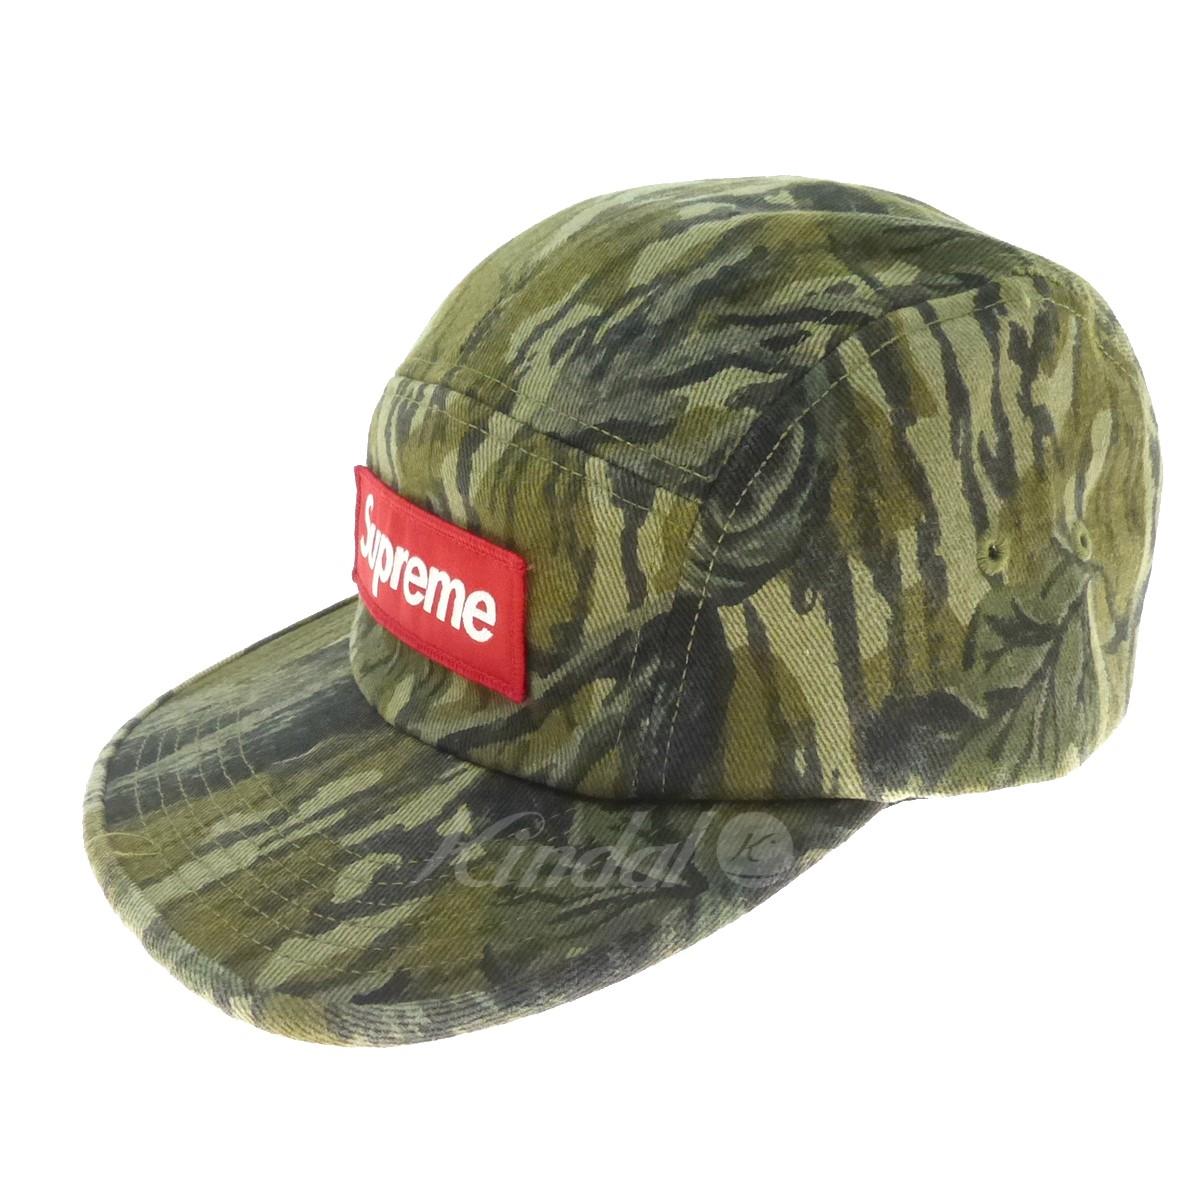 【中古】SUPREME カモフラ柄キャップ 2018A/W Military Camp Cap カーキ サイズ:- 【送料無料】 【191018】(シュプリーム)